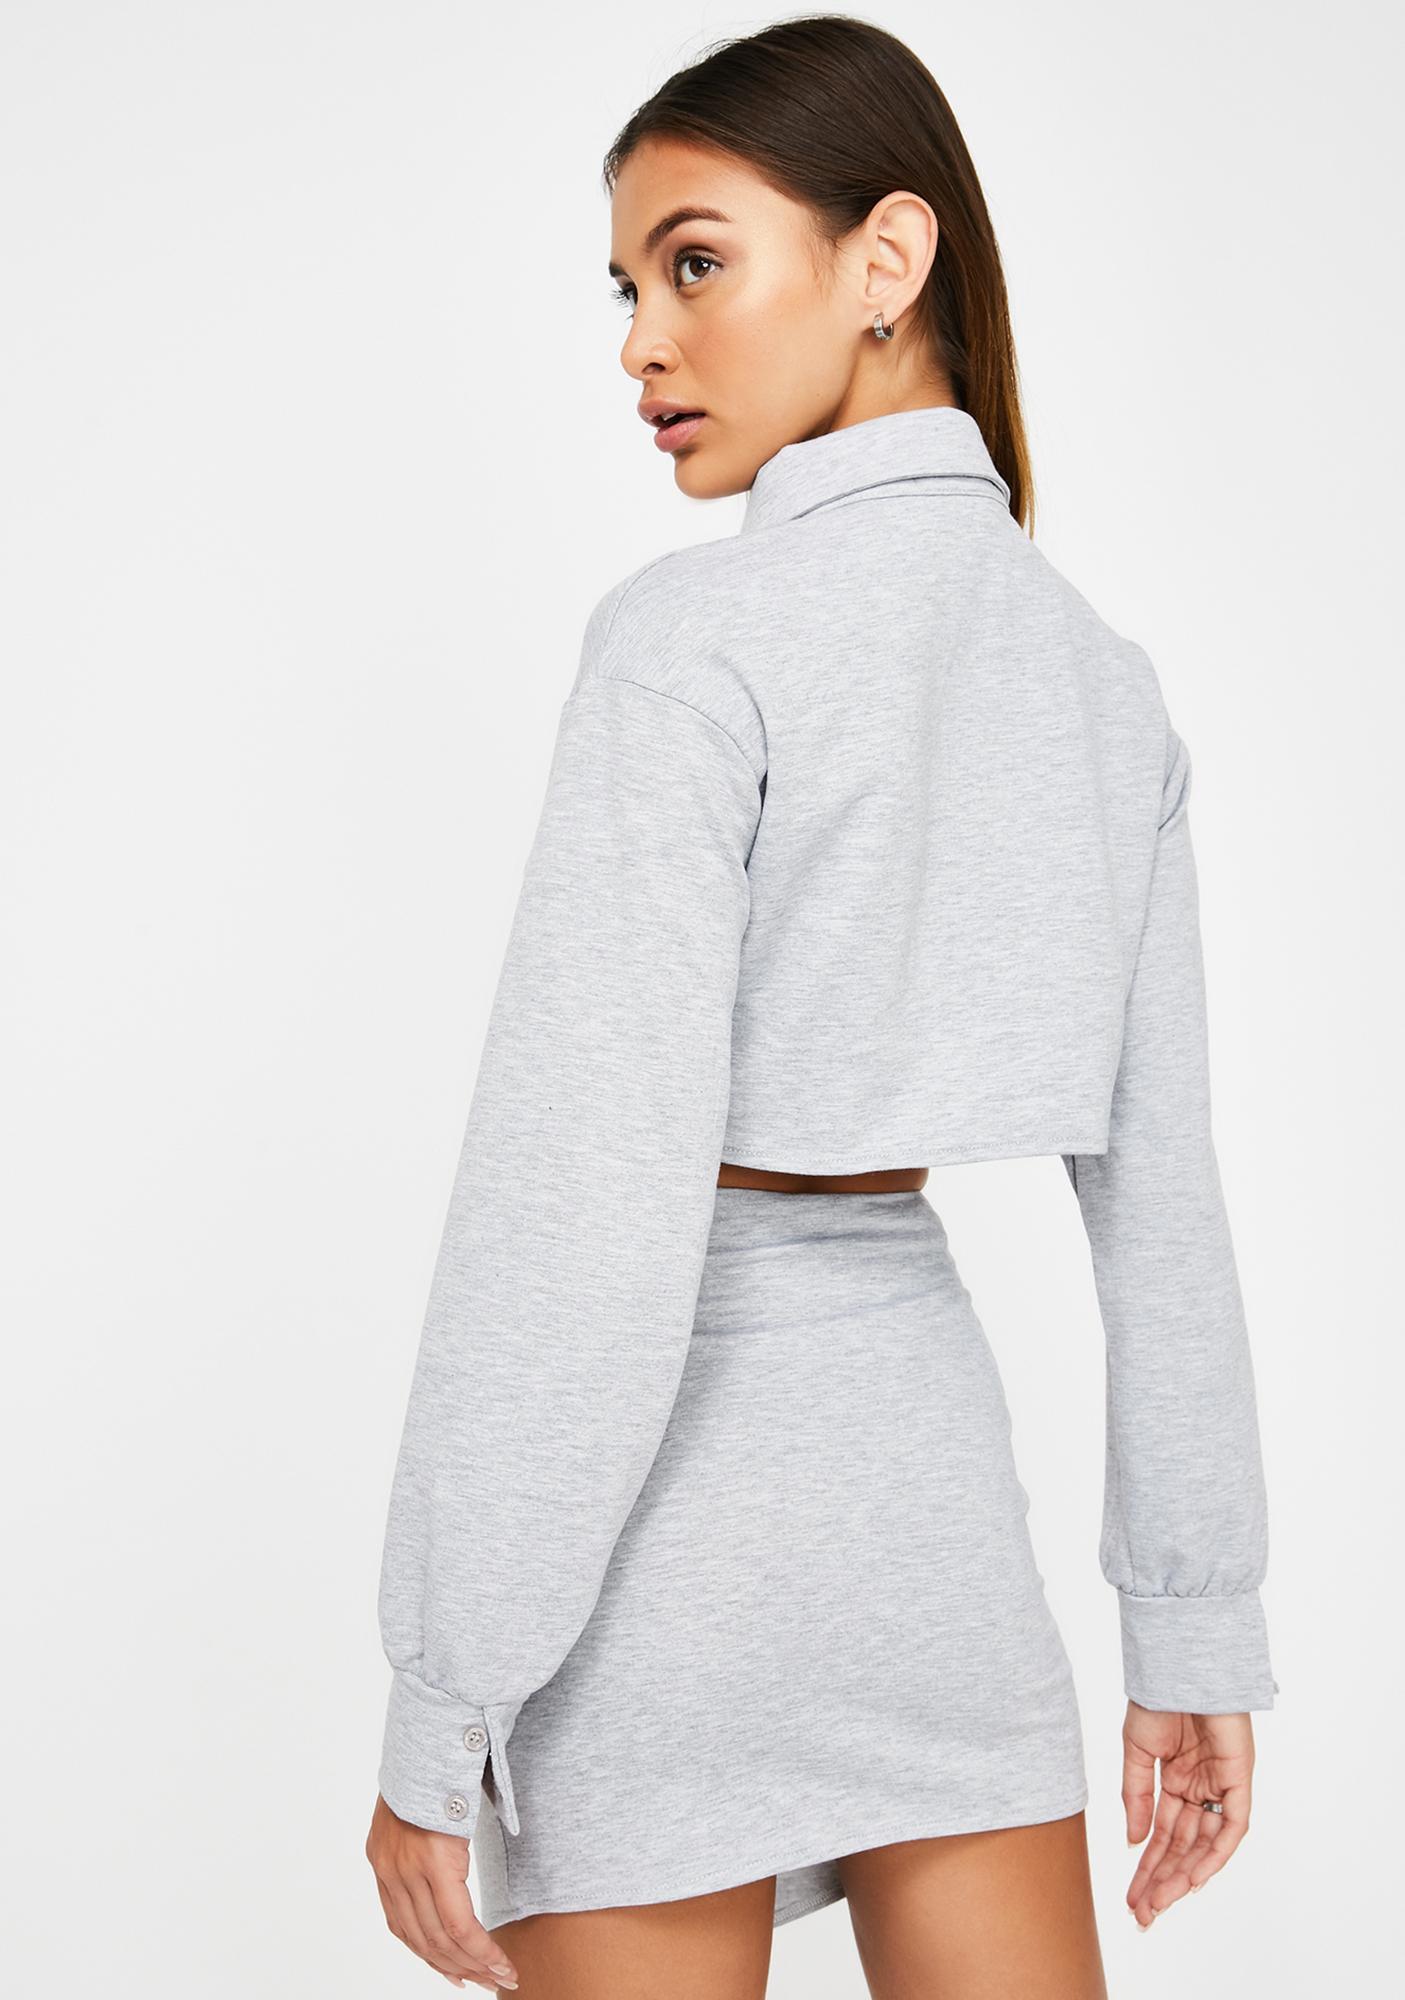 ZEMETA Rocky Gray Skirt Set